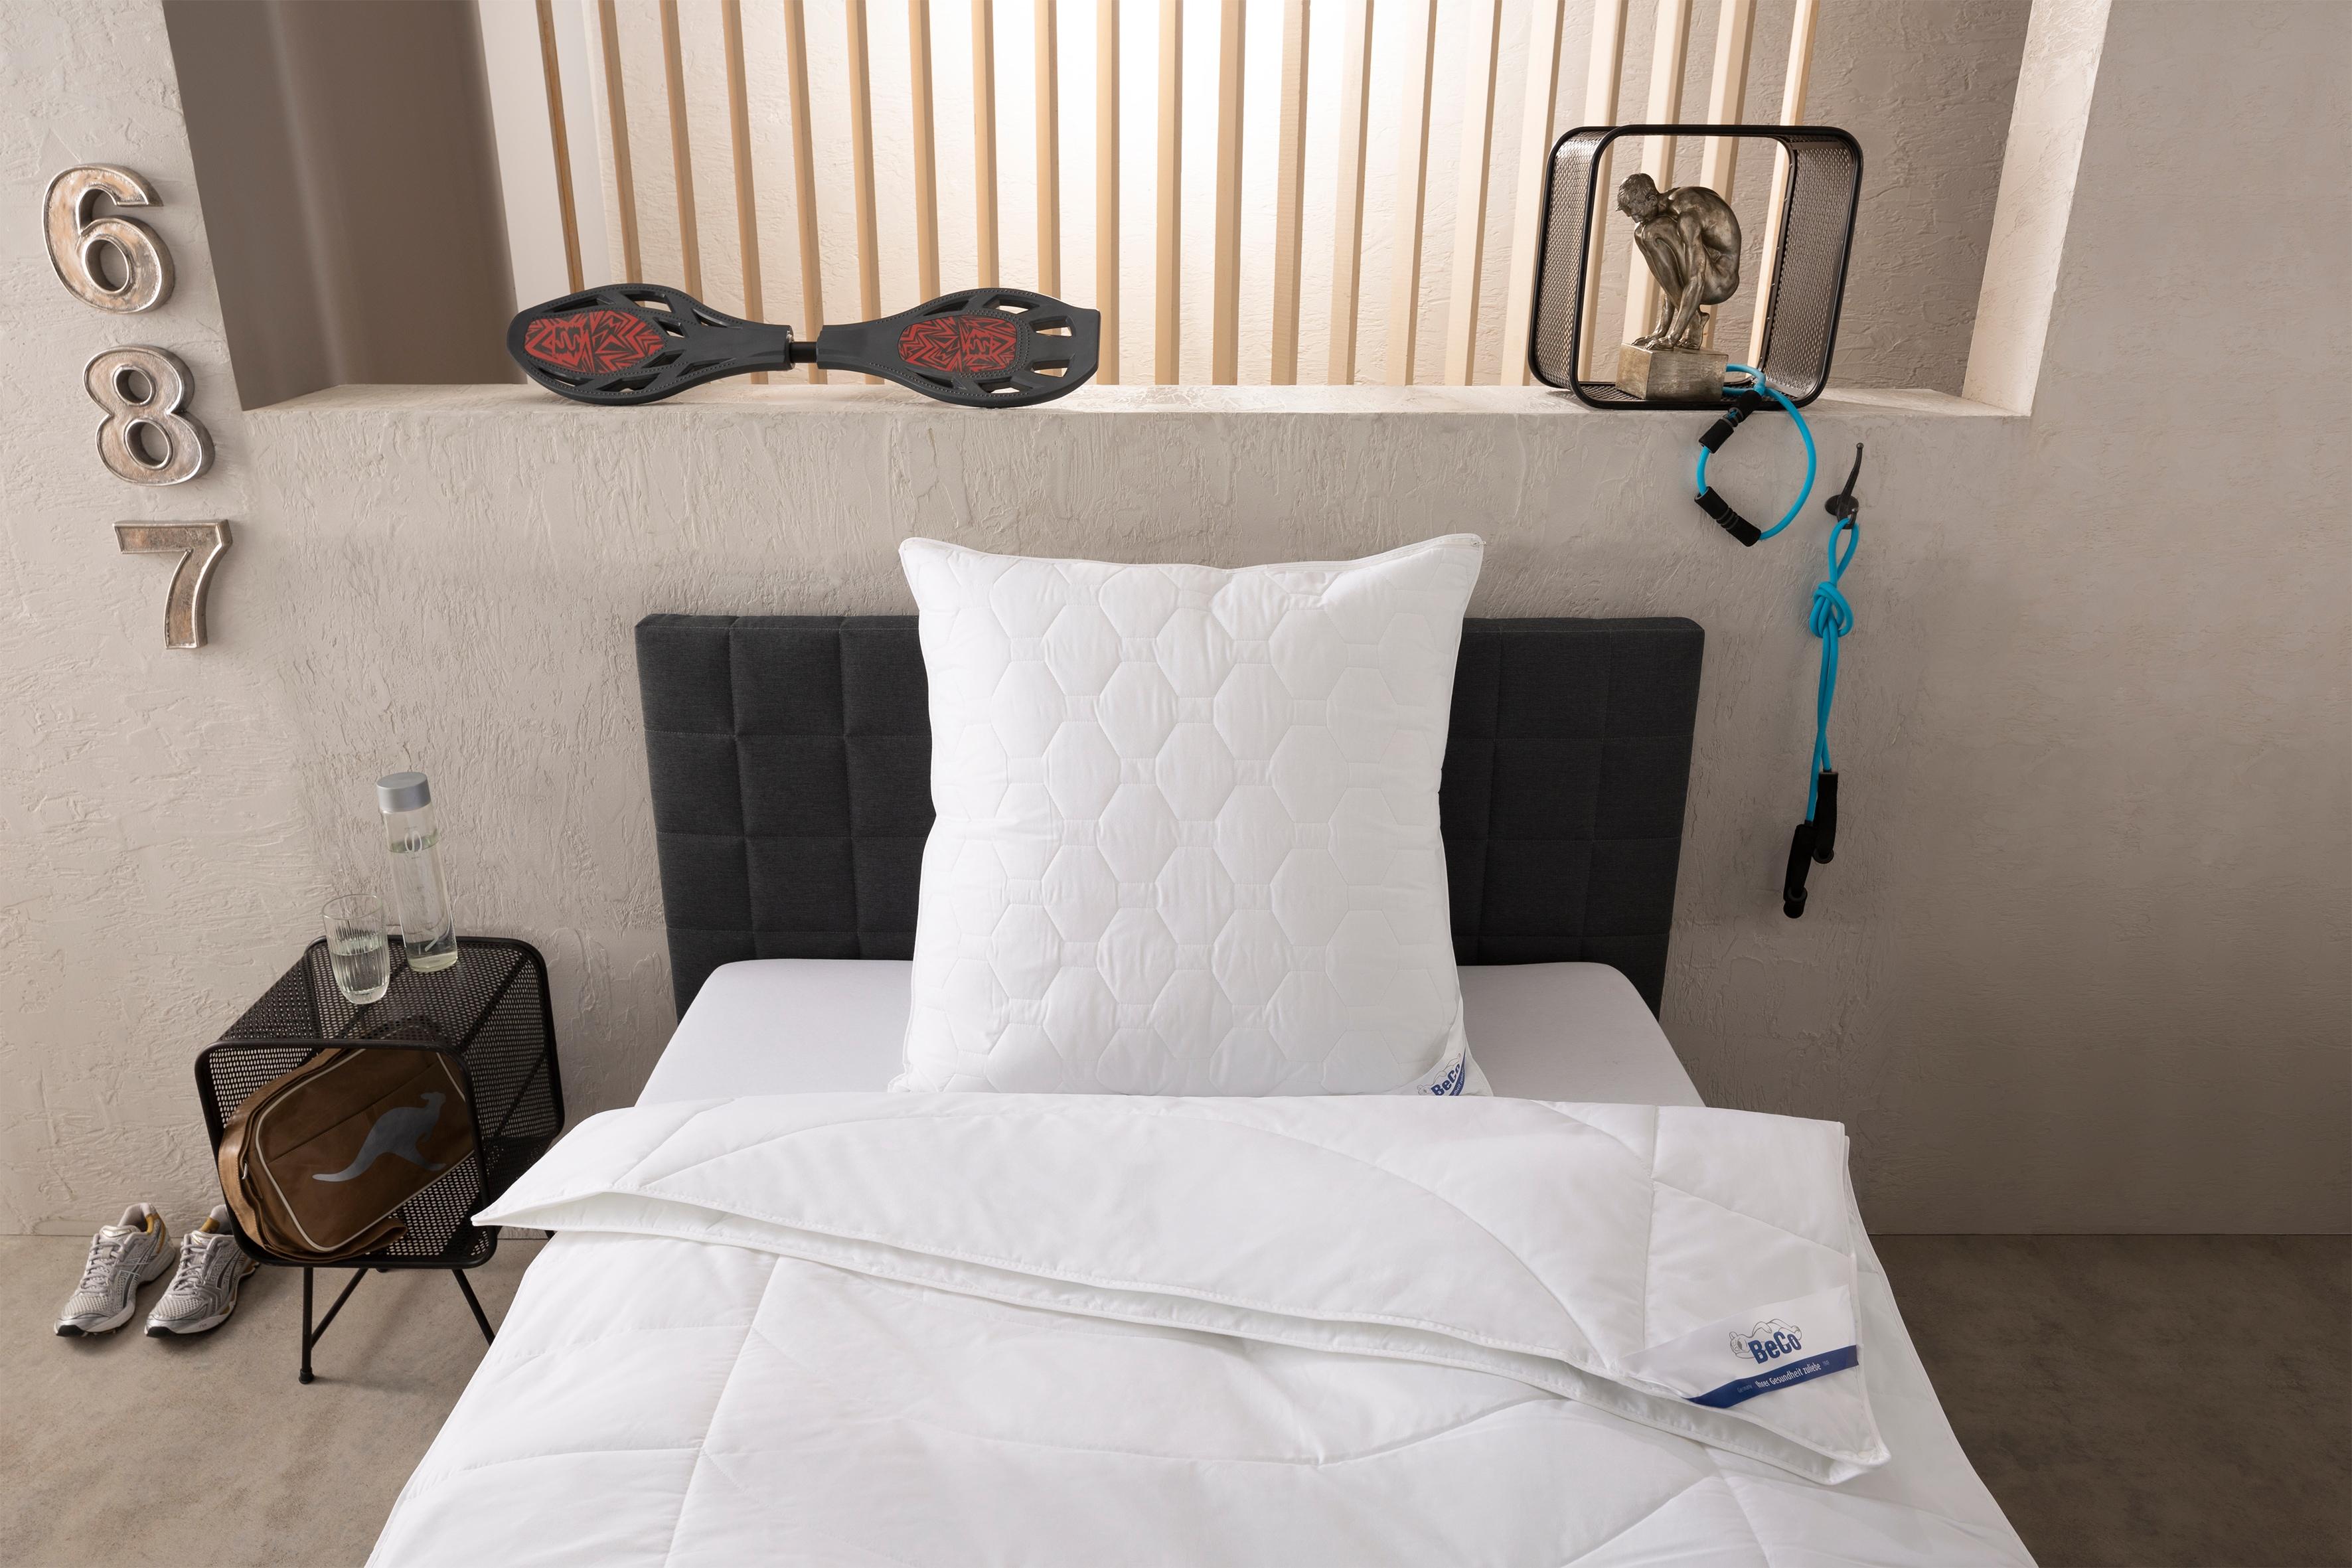 4-Jahreszeitenbett + Kunstfaserkissen BeCo Medibett Beco 4-Jahreszeiten | Schlafzimmer > Matratzen > Unterbetten | Weiß | Beco